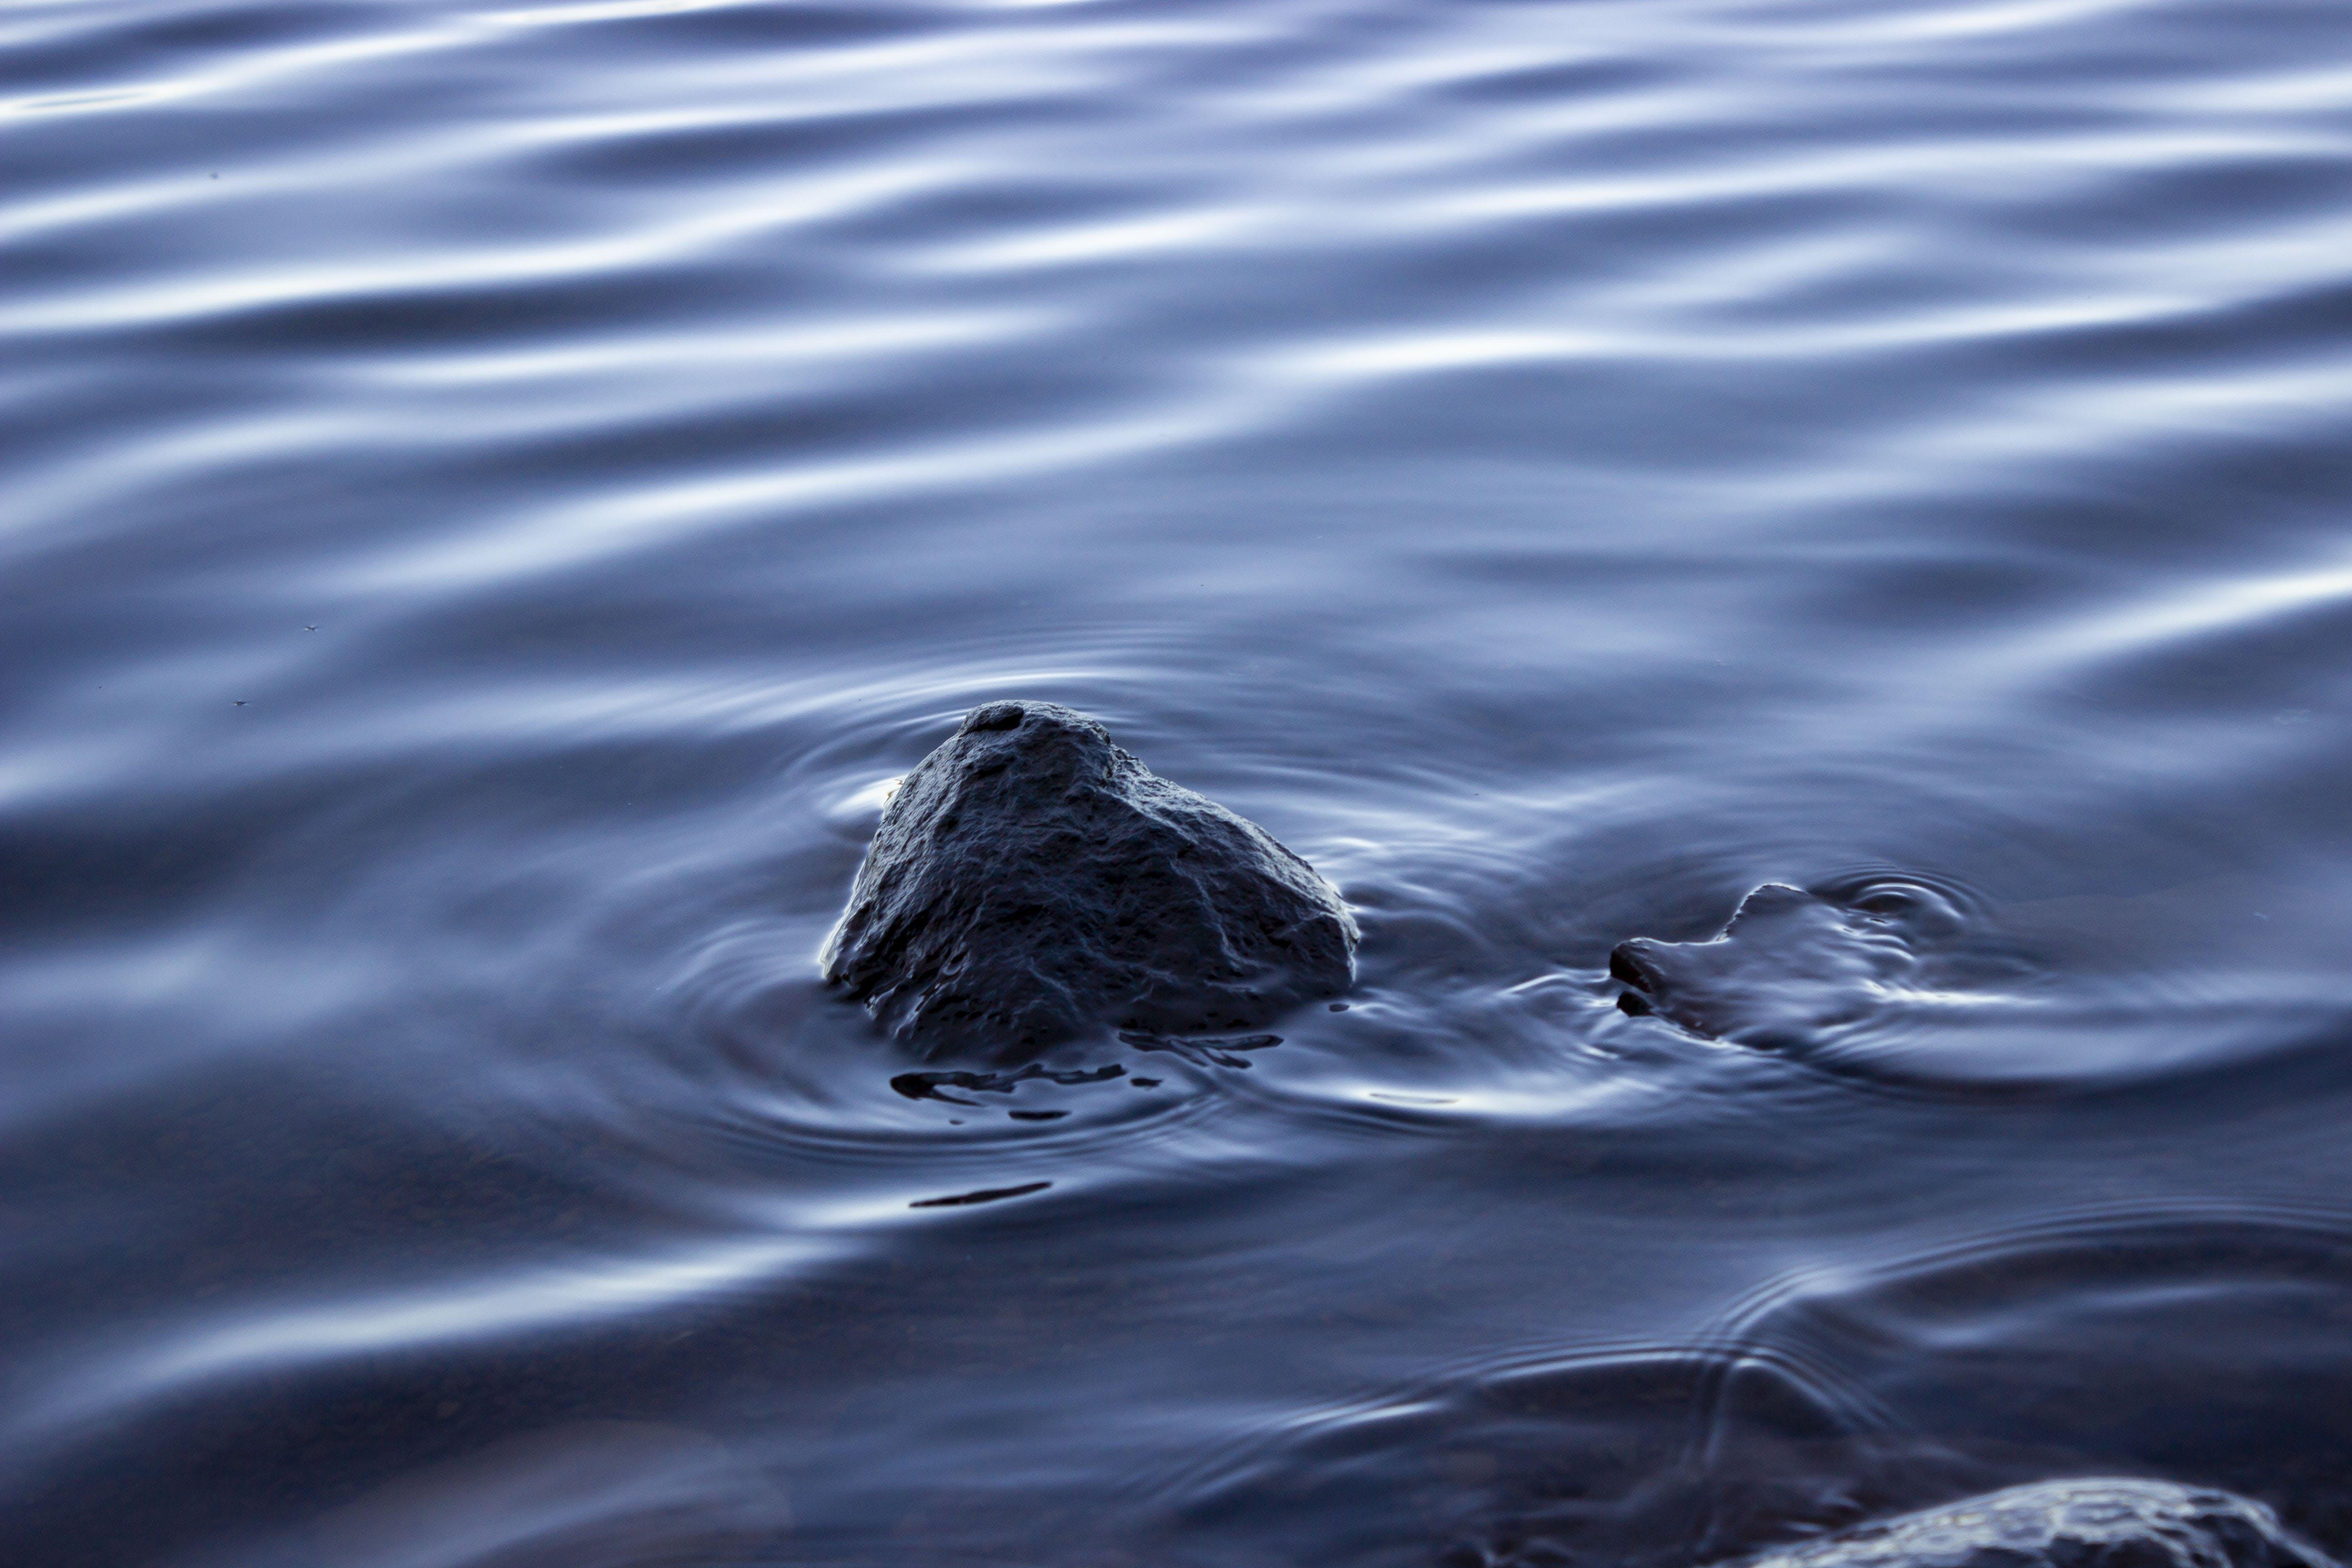 光滑, 摇滚, 水 的 免费素材照片